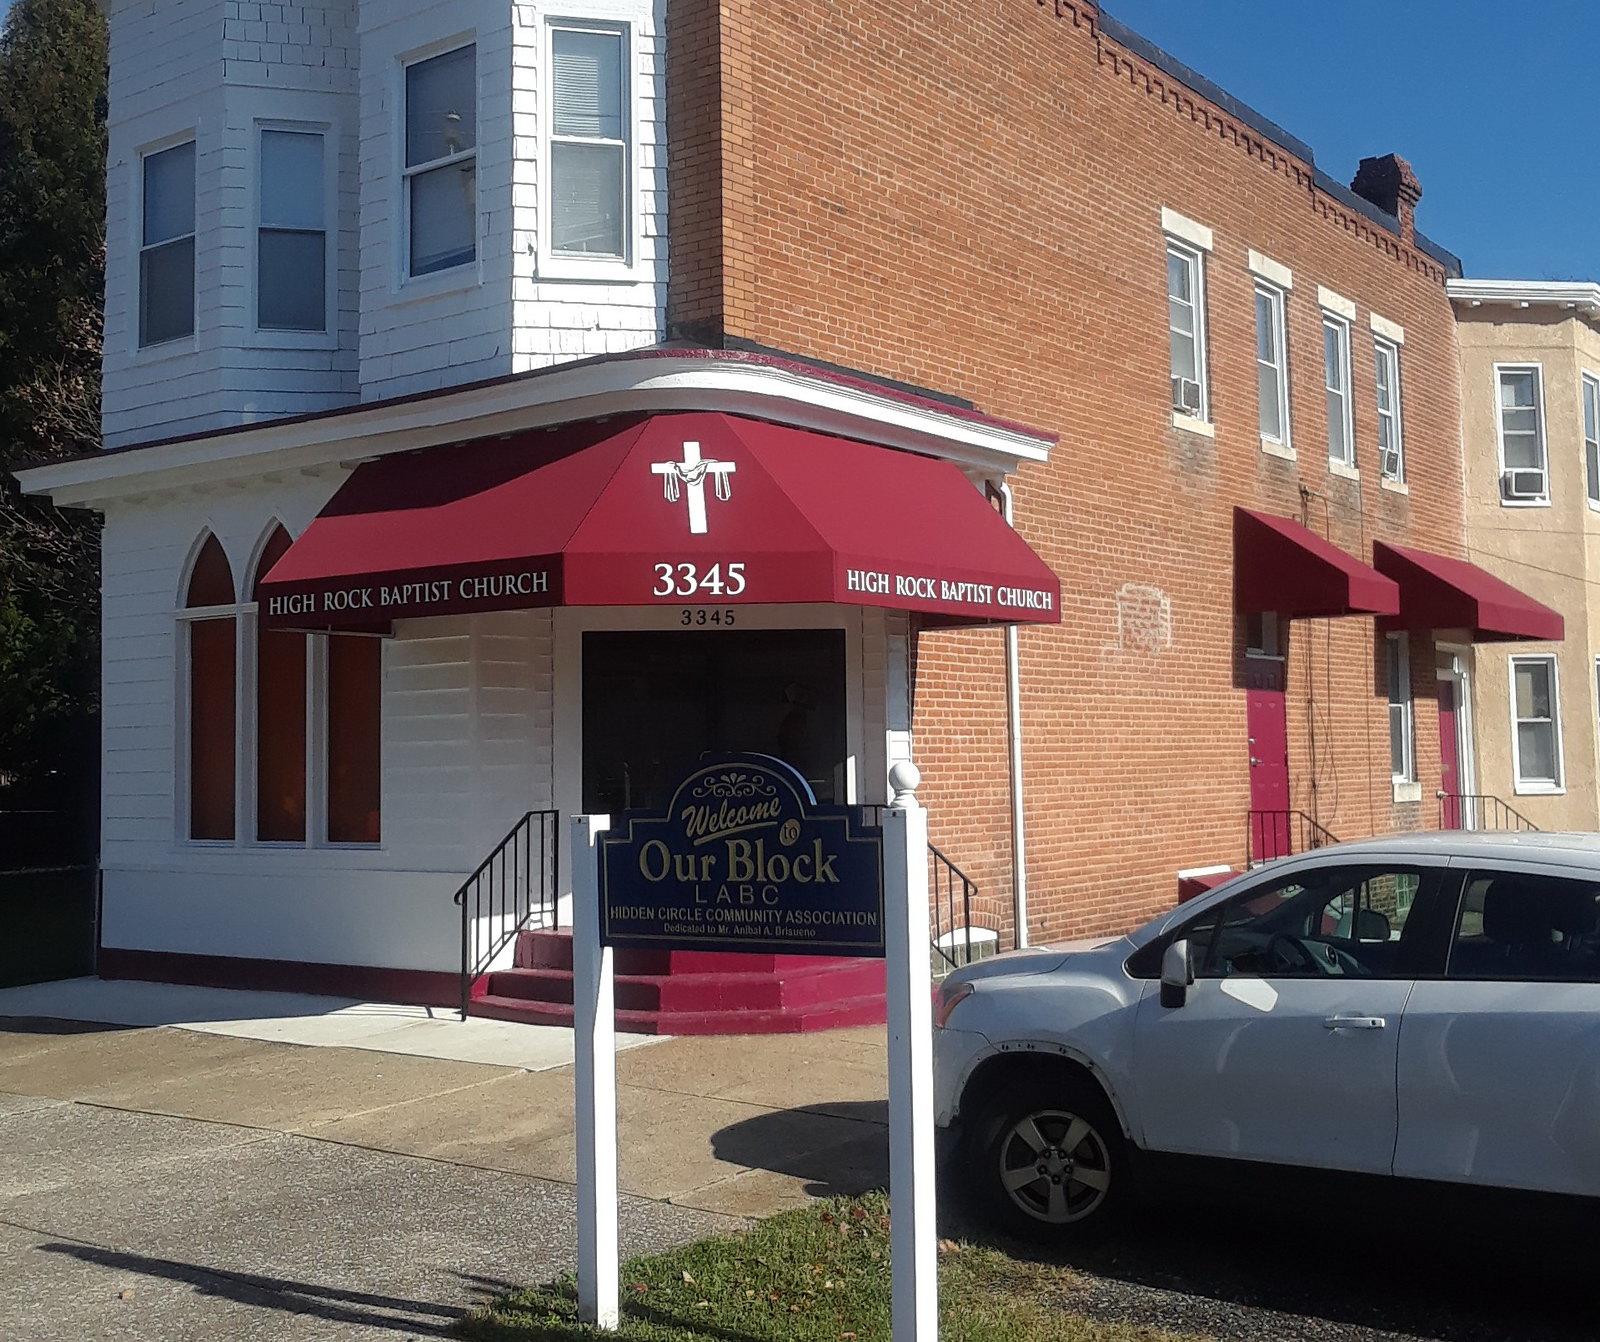 Church-Awning-Windows-Baltimore